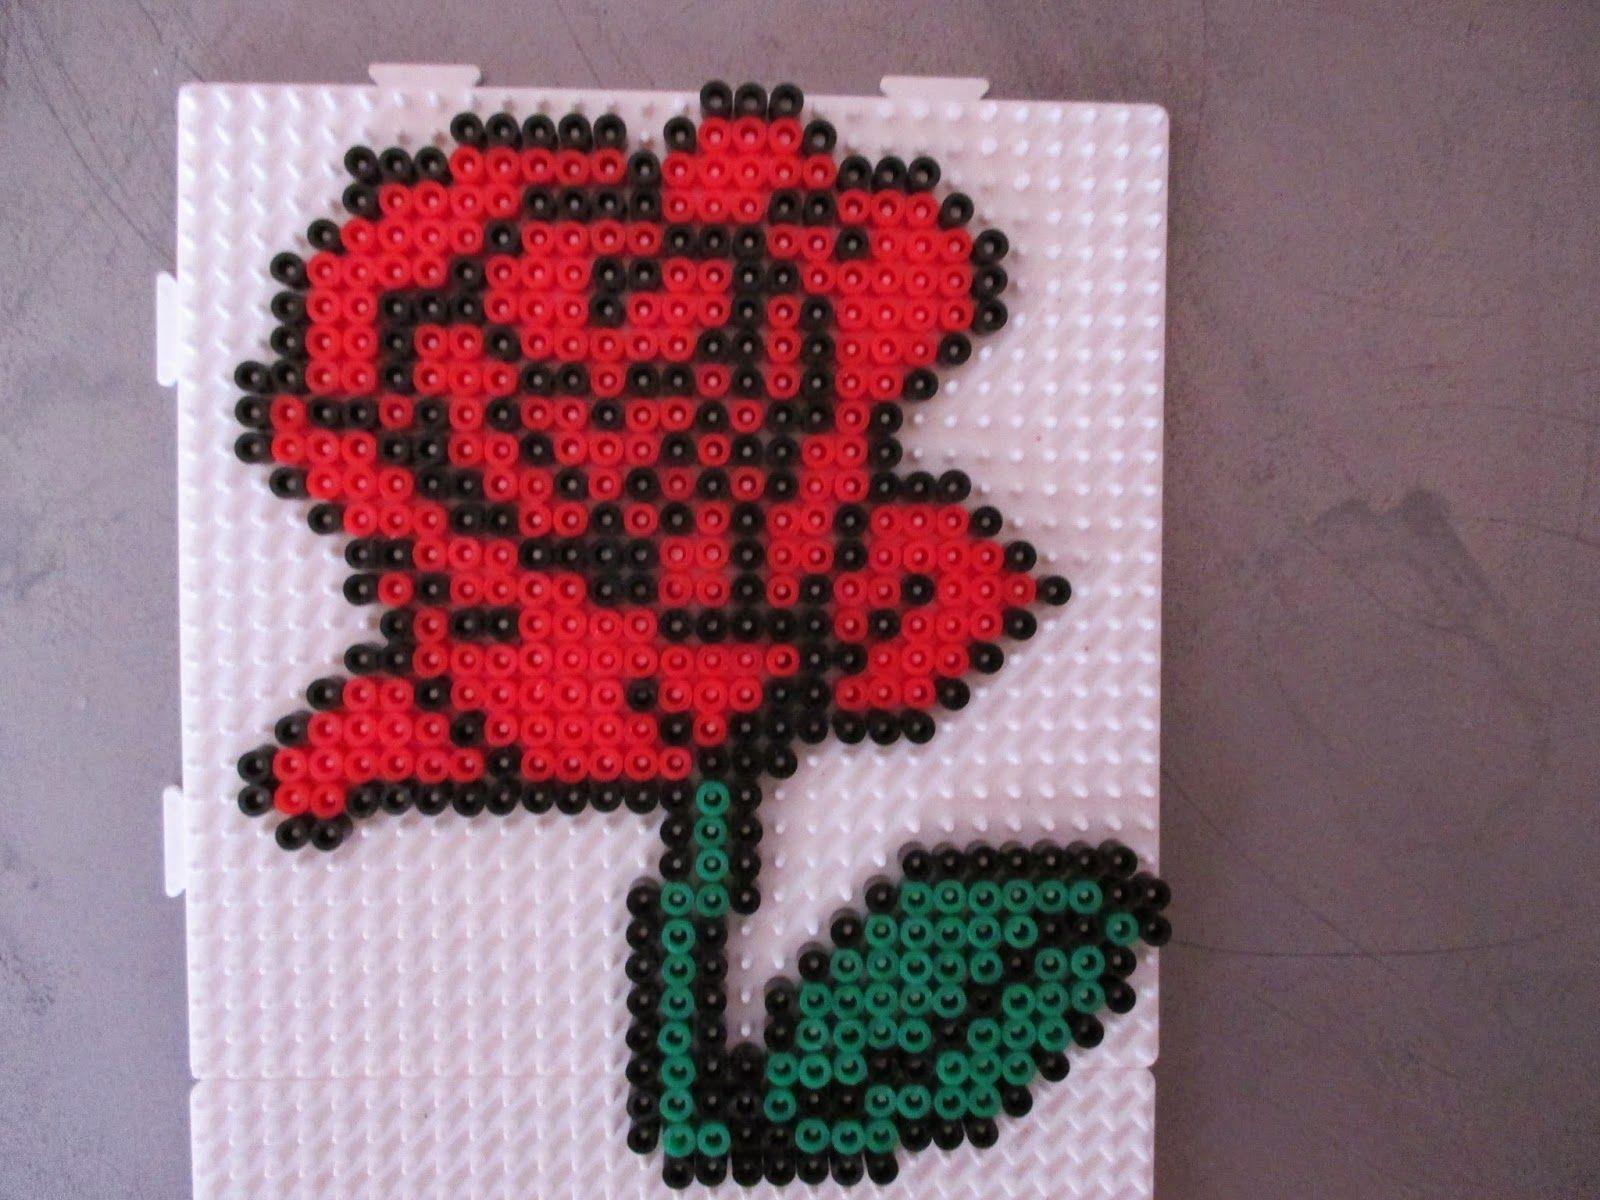 Un mod le de fleur en perle repasser inspiring ideas pinterest mod le de fleur repasser - Model perle a repasser ...